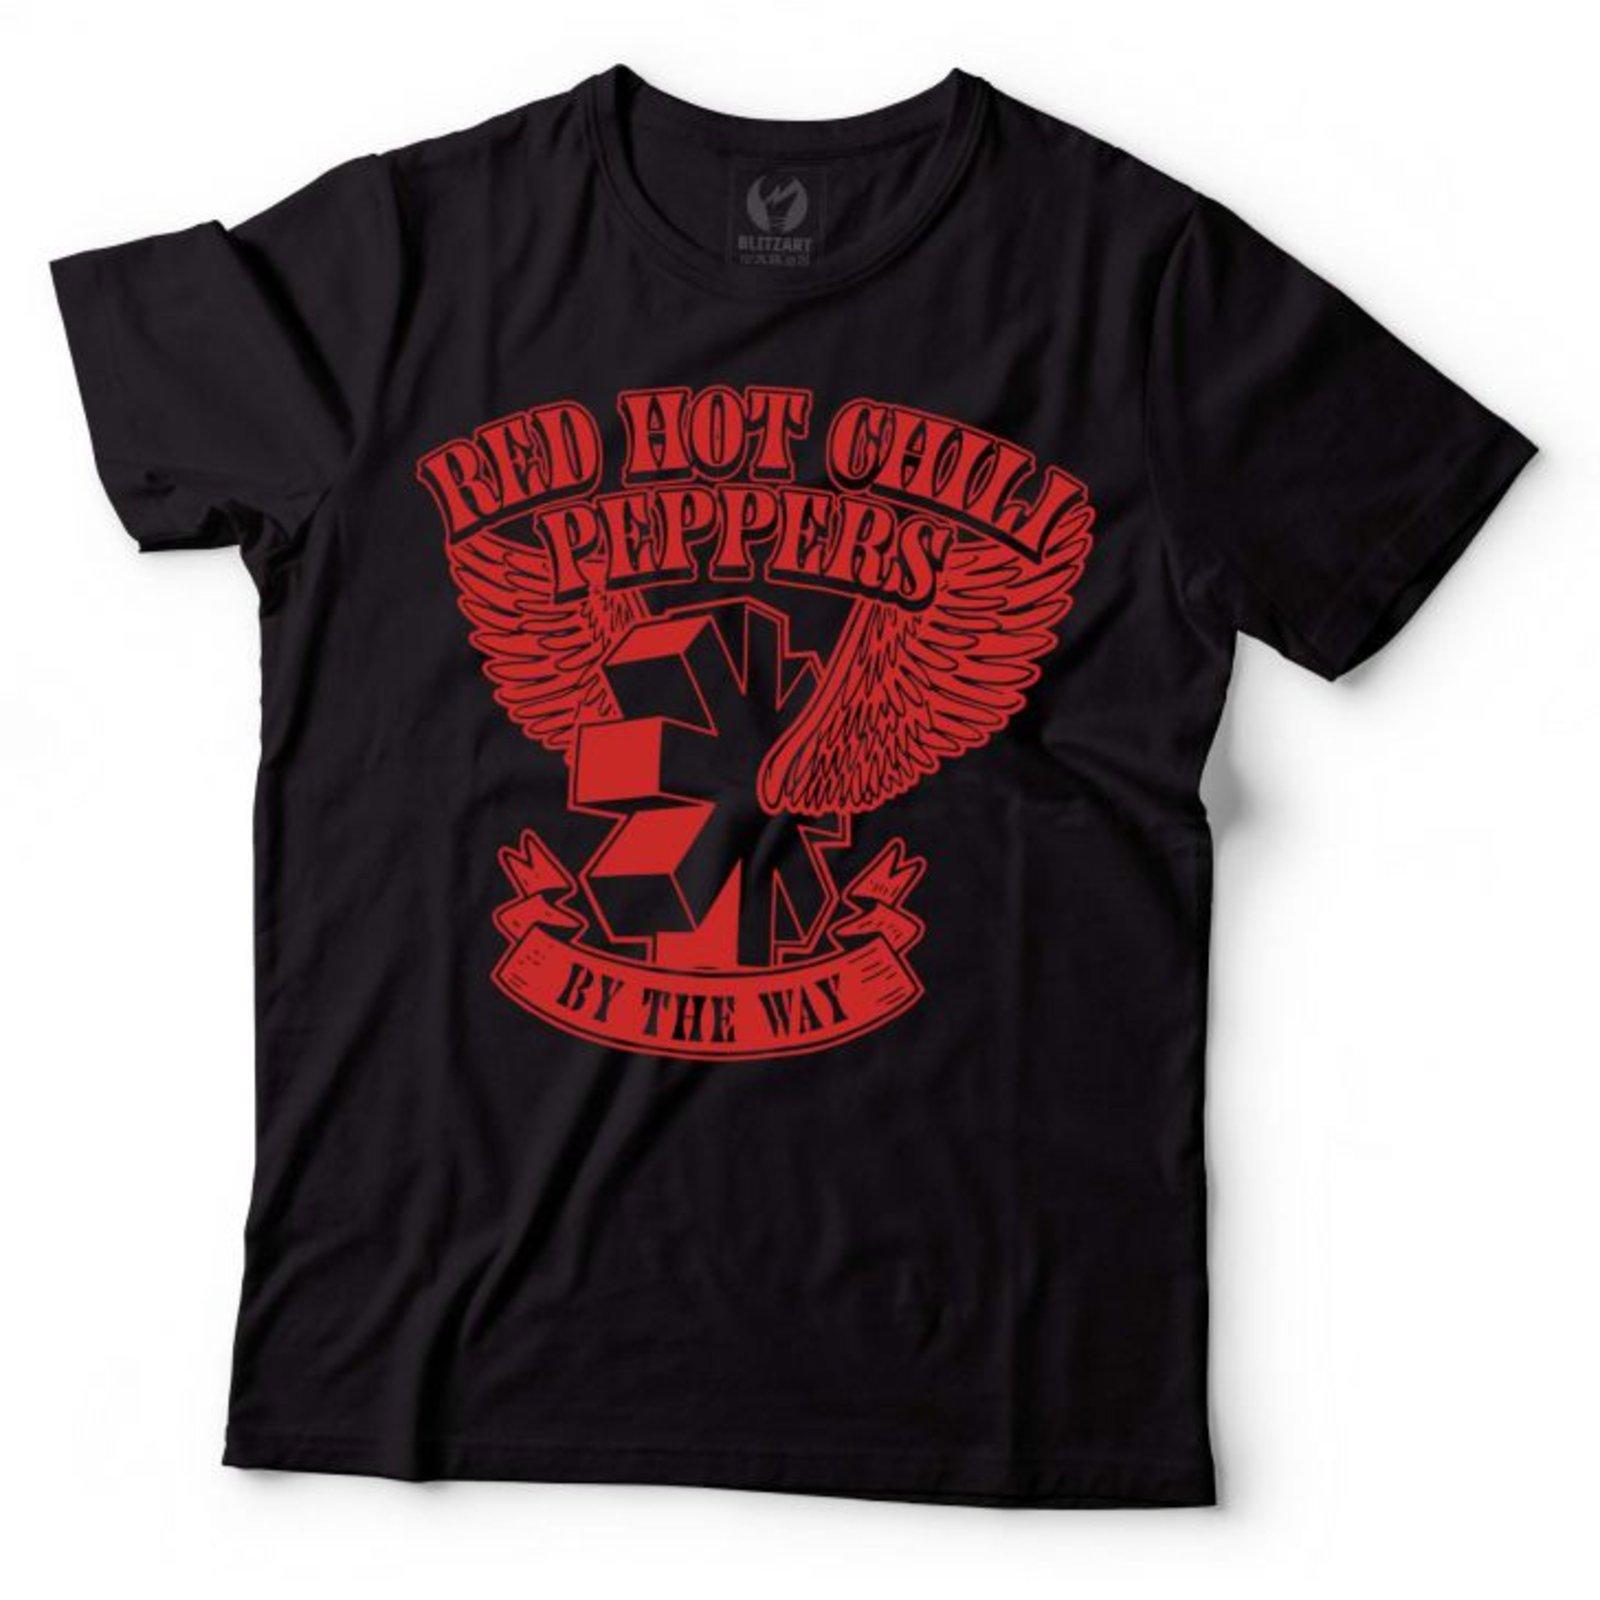 00d4d48ea Camiseta Blitzart Red Hot Chili Peppers - Compre Agora